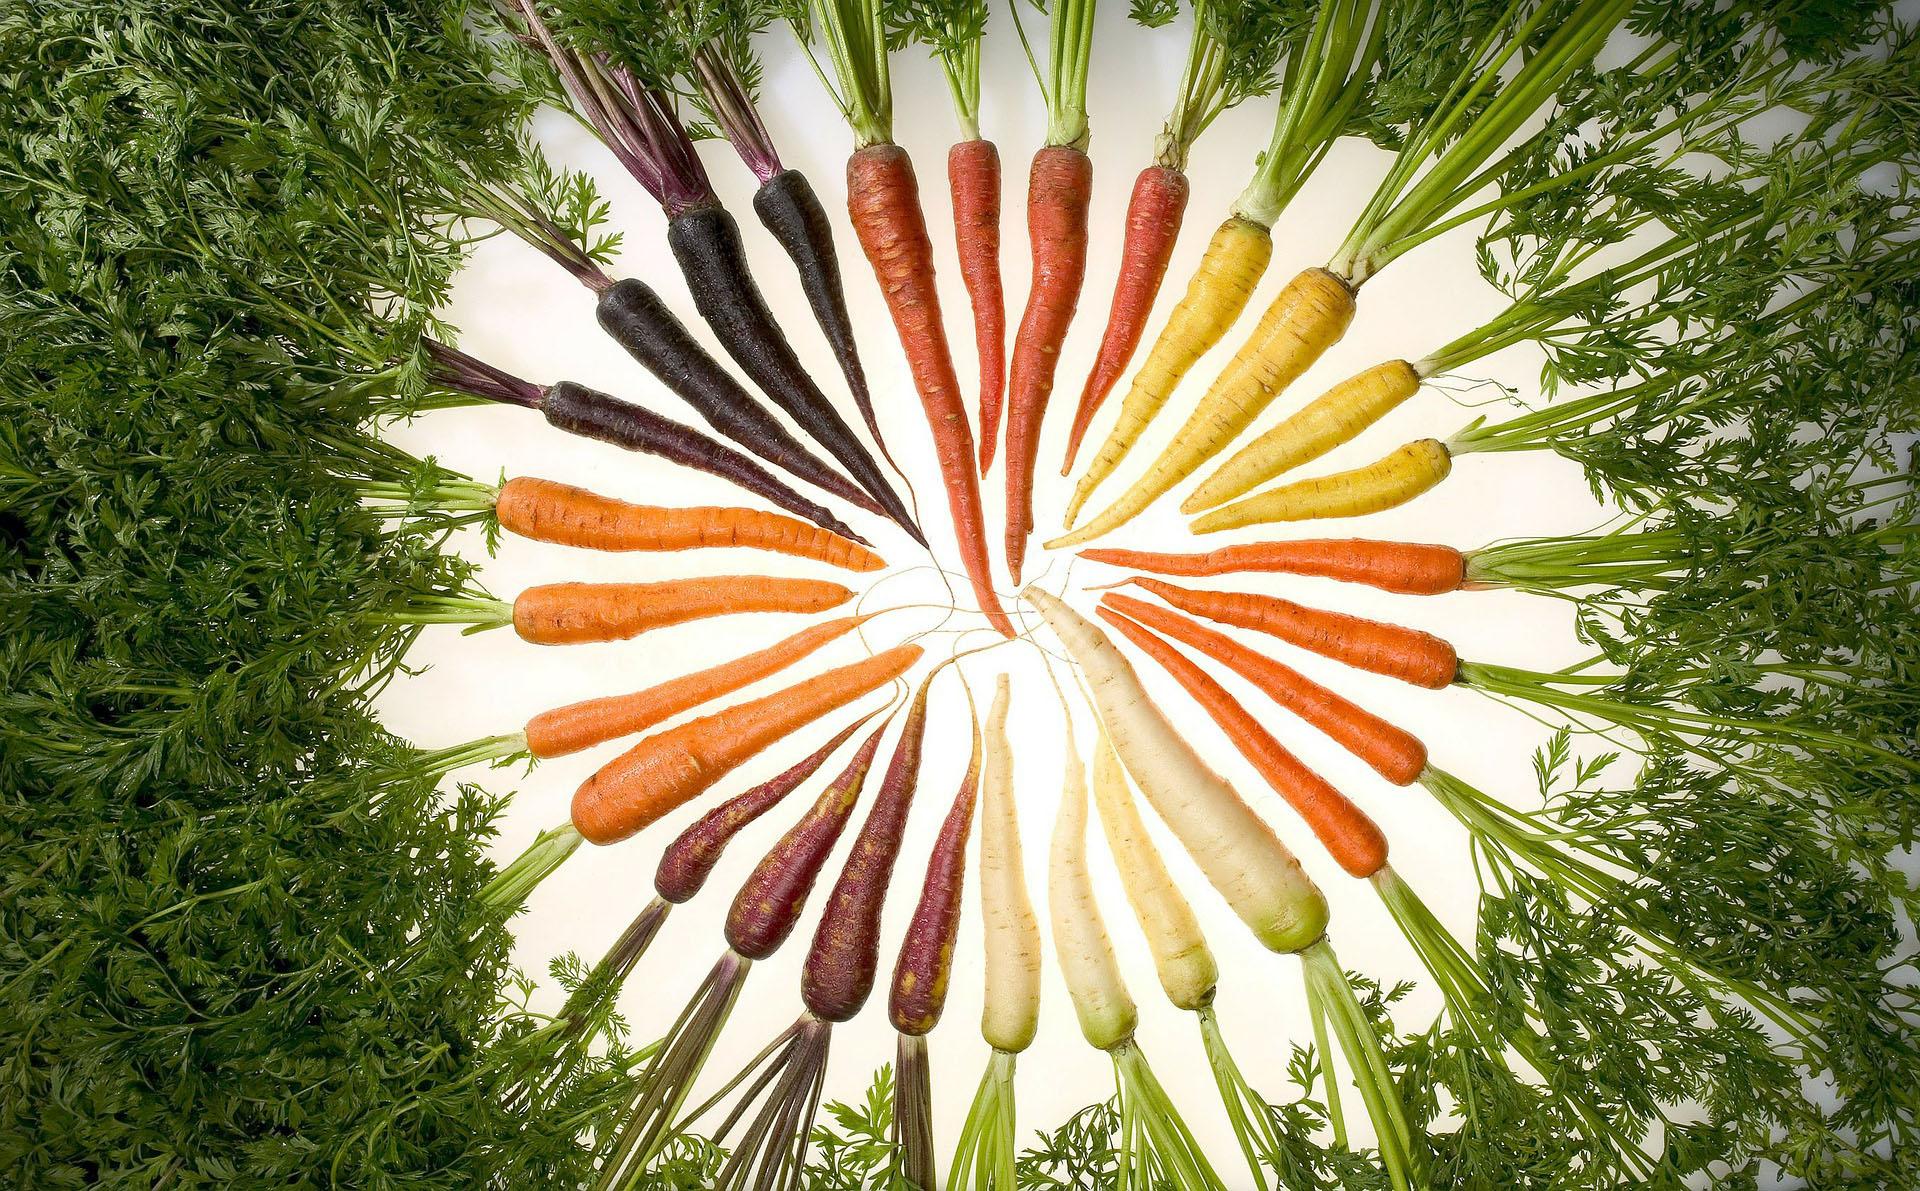 carrots-76653_1920